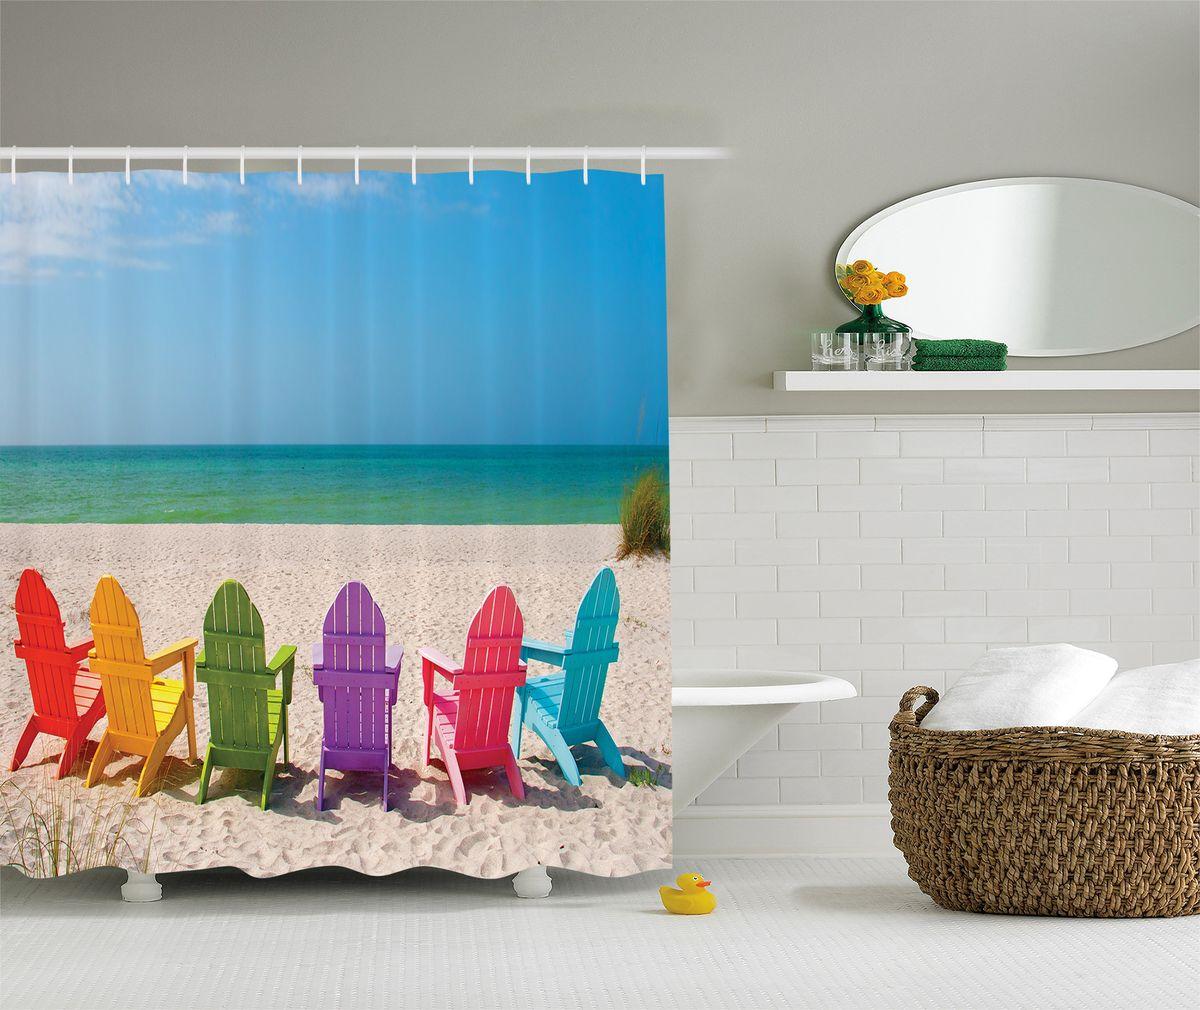 Штора для ванной комнаты Magic Lady Разноцветные шезлонги, 180 х 200 см391602Штора Magic Lady Разноцветные шезлонги, изготовленная из высококачественного сатена (полиэстер 100%), отлично дополнит любой интерьер ванной комнаты. При изготовлении используются специальные гипоаллергенные чернила для прямой печати по ткани, безопасные для человека.В комплекте: 1 штора, 12 крючков. Обращаем ваше внимание, фактический цвет изделия может незначительно отличаться от представленного на фото.